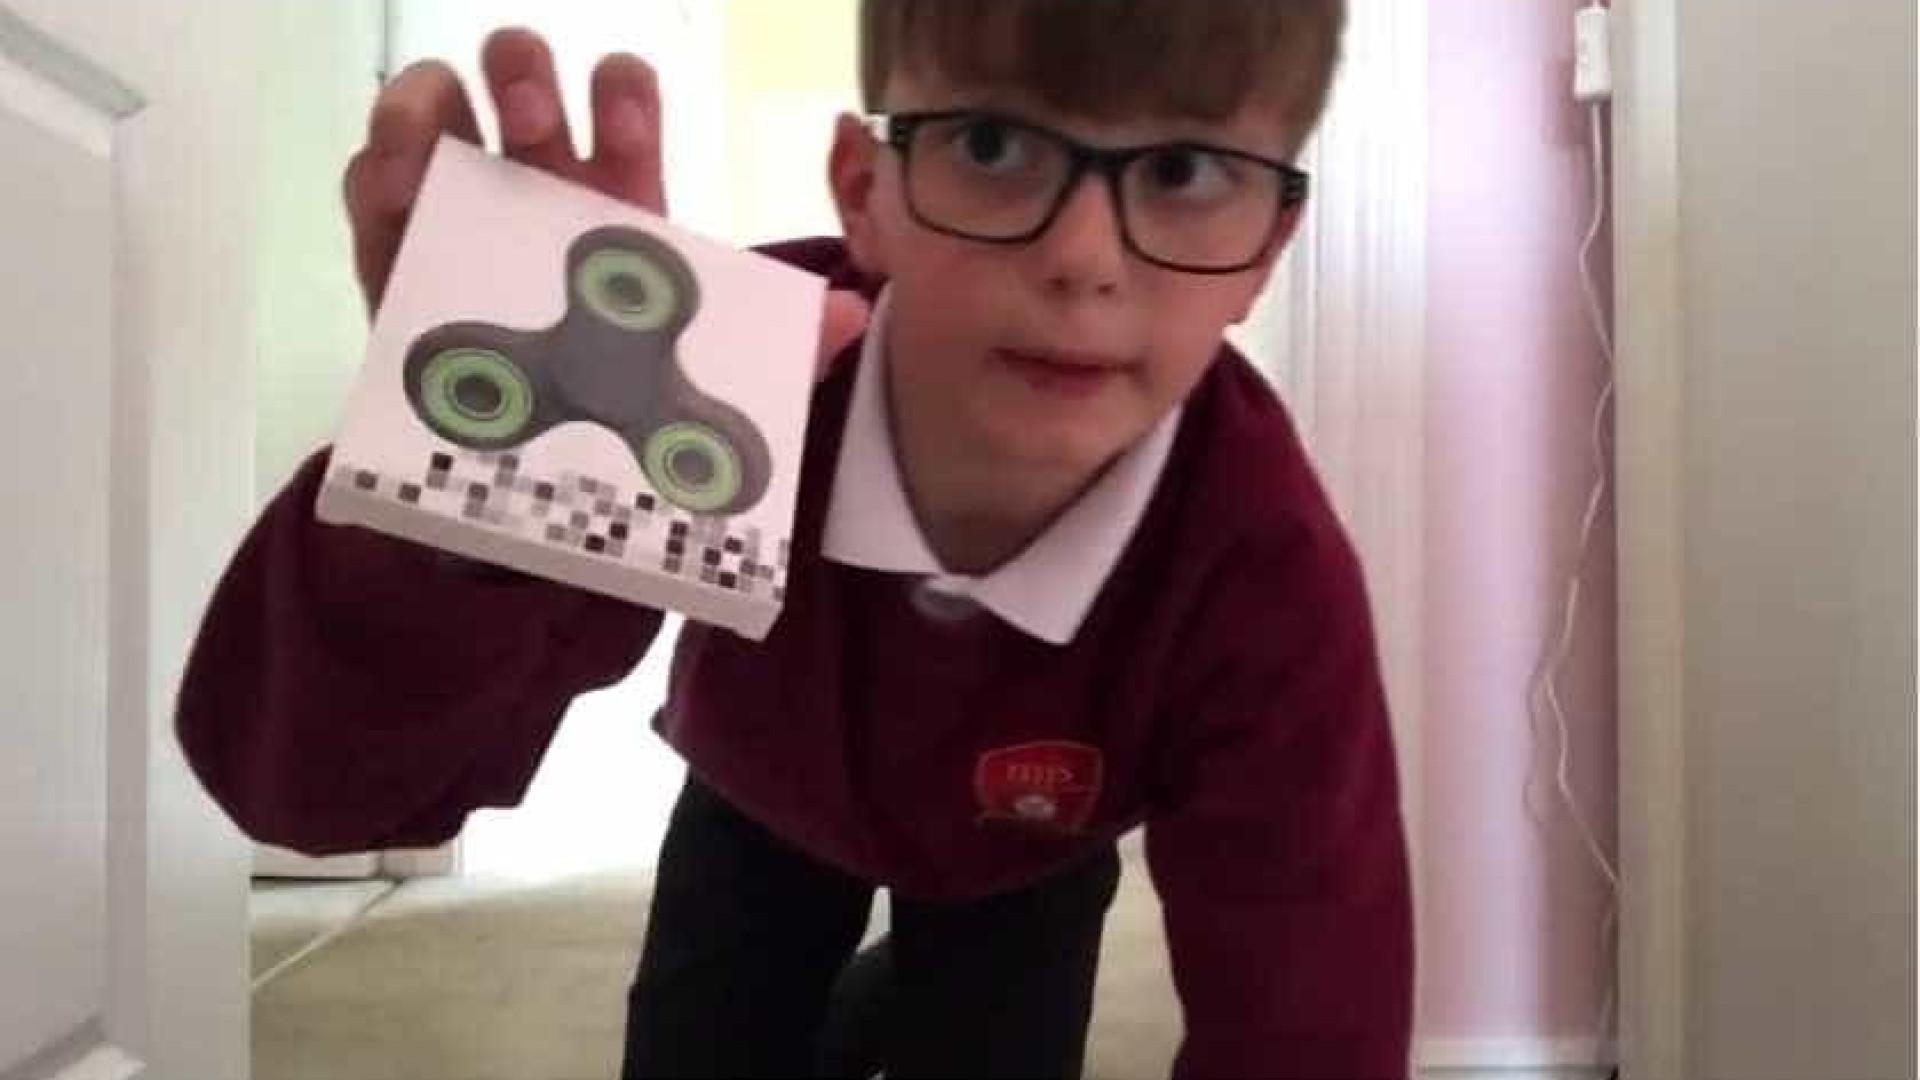 Aos oito anos, fez da paixão pelos fidget spinners um negócio rentável